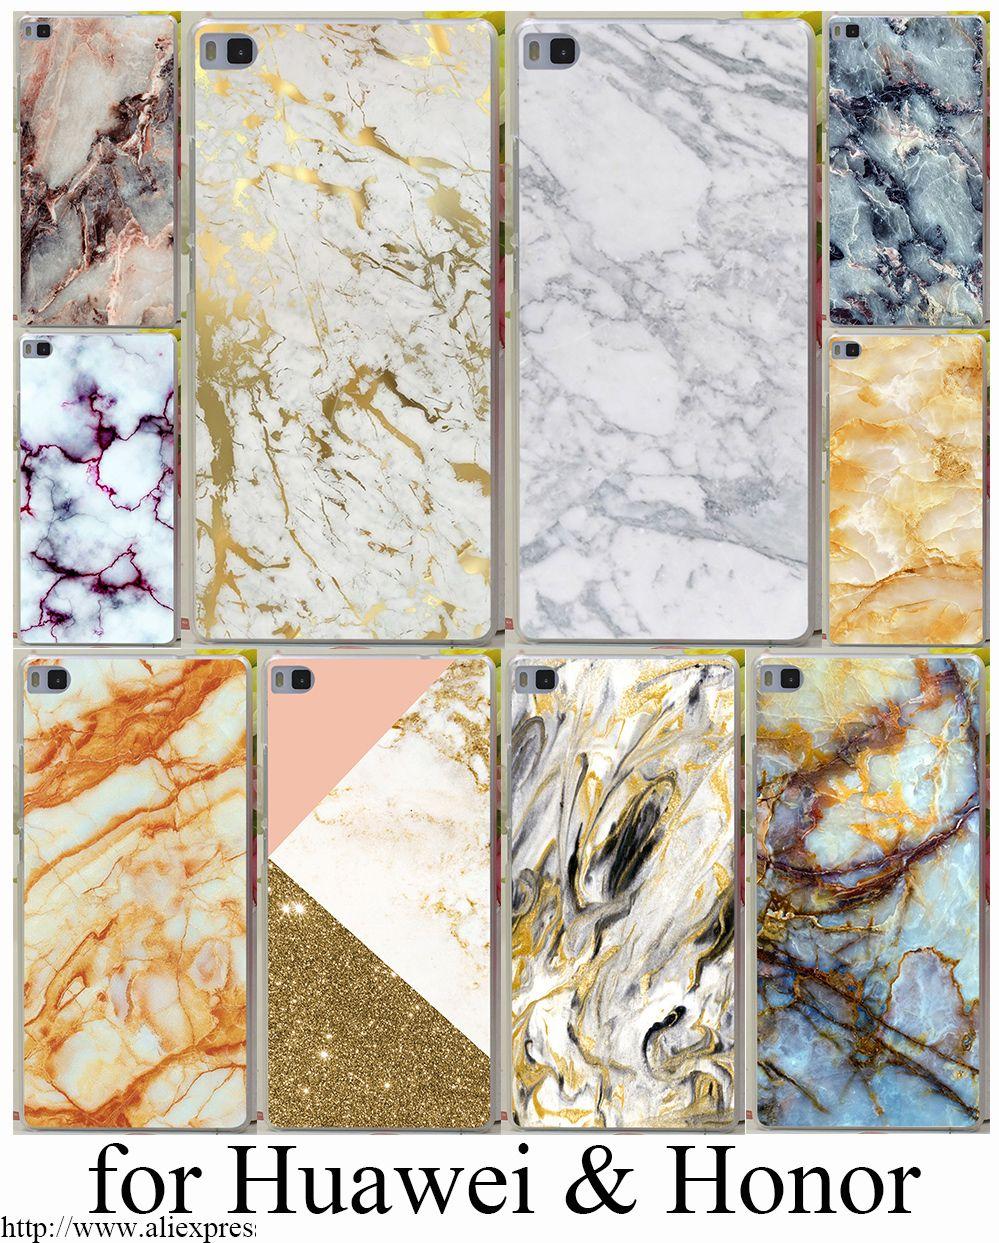 Oro marmo collage duro trasparente case cover per huawei p6 p7 p8 p9 lite plus e honor 6 7 4c 4x g7 case cover